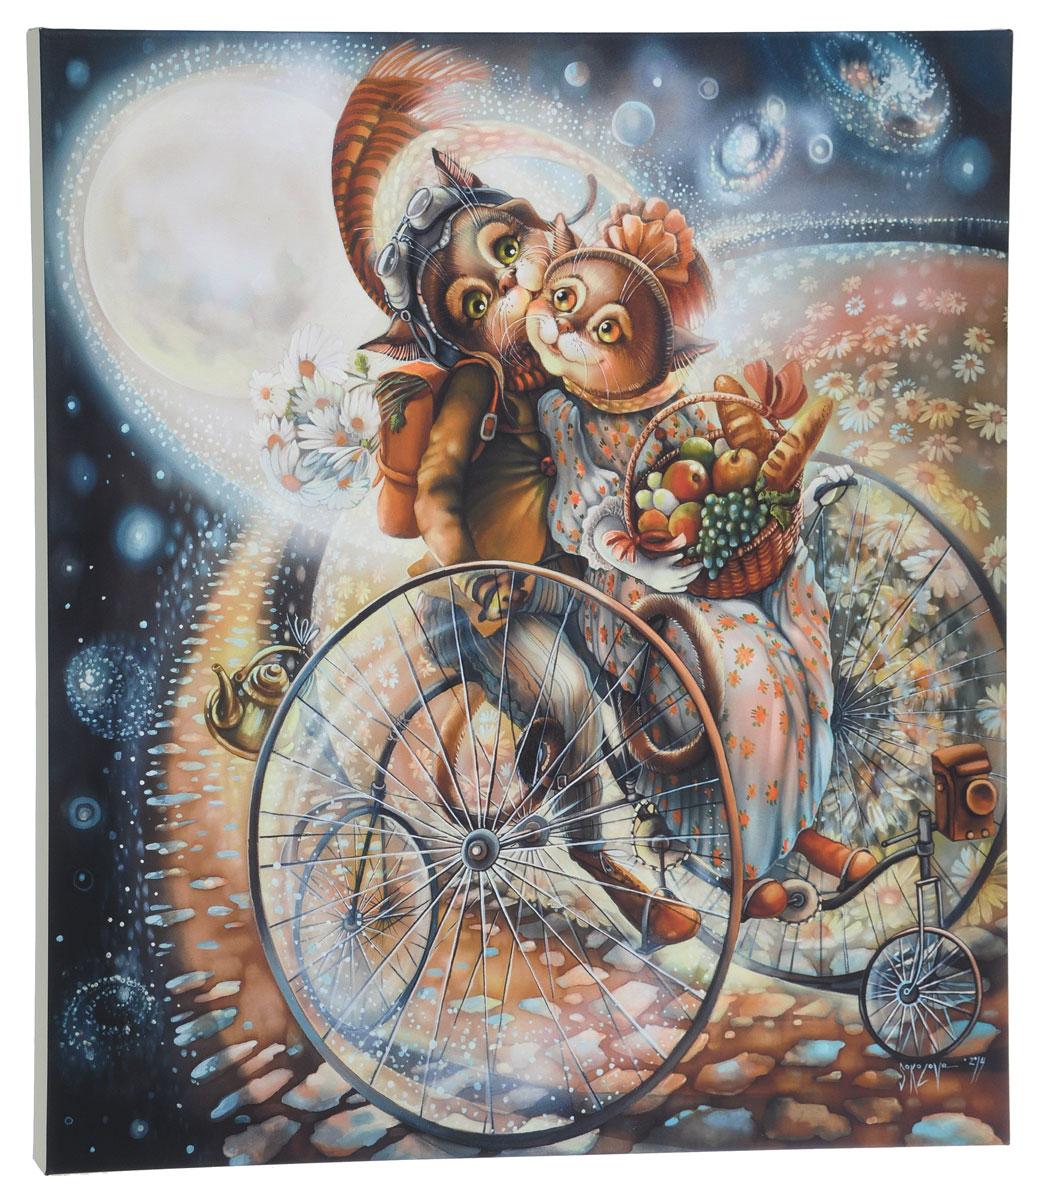 КвикДекор Картина детская Пикник на обочинеAP-00837-00053-Cn5360Картина КвикДекор Пикник на обочине художника Надежды Соколовой дополнит обстановку интерьера нежными красками и необычным оформлением. Изделие представляет собой картину с латексной печатью на натуральном хлопчатобумажном холсте. Галерейная натяжка на деревянный подрамник выполнена очень аккуратно, а боковые части картины запечатаны тоновой заливкой. Обратная сторона подрамника содержит отверстие, благодаря которому картину можно легко закрепить на стене и подкорректировать ее положение. Автор картины Надежда Соколова родилась в 1973 году в городе Дрездене. В 1986-90 годах училась в Художественной школе города Новгорода. В 1995 году окончила с отличием рекламное отделение Новгородского училища культуры. В 2000 году защитила диплом на факультете Искусств и Технологий НовГУ имени Ярослава Мудрого. Выставляется с 1996 года. Работает в техниках: живопись, графика, батик, лаковая миниатюра, авторская кукла. Является автором оригинального стиля в миниатюре. Картина КвикДекор...